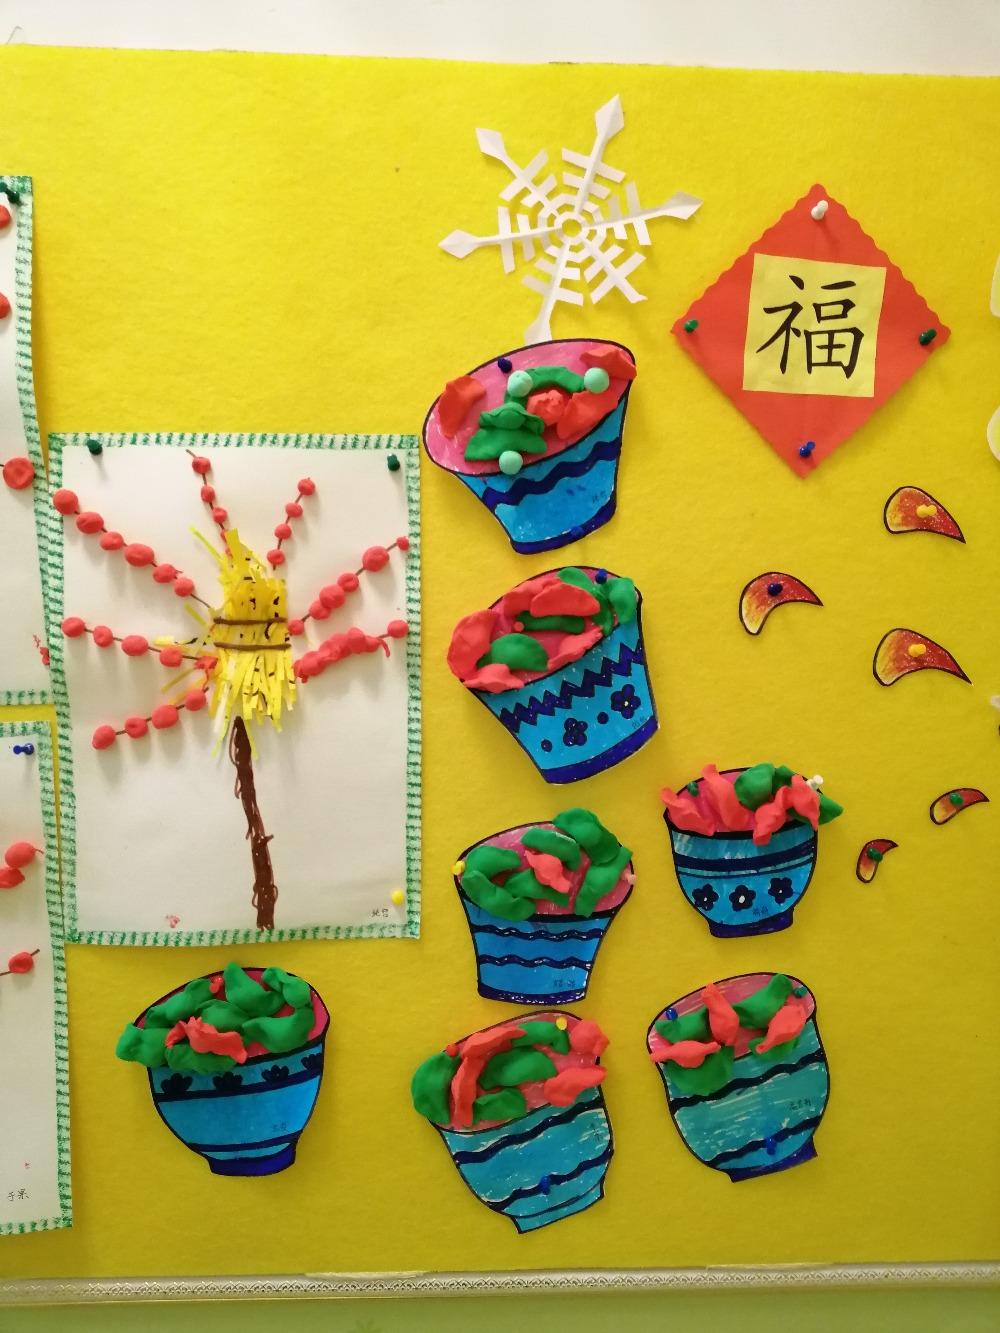 新年饺子上主题墙